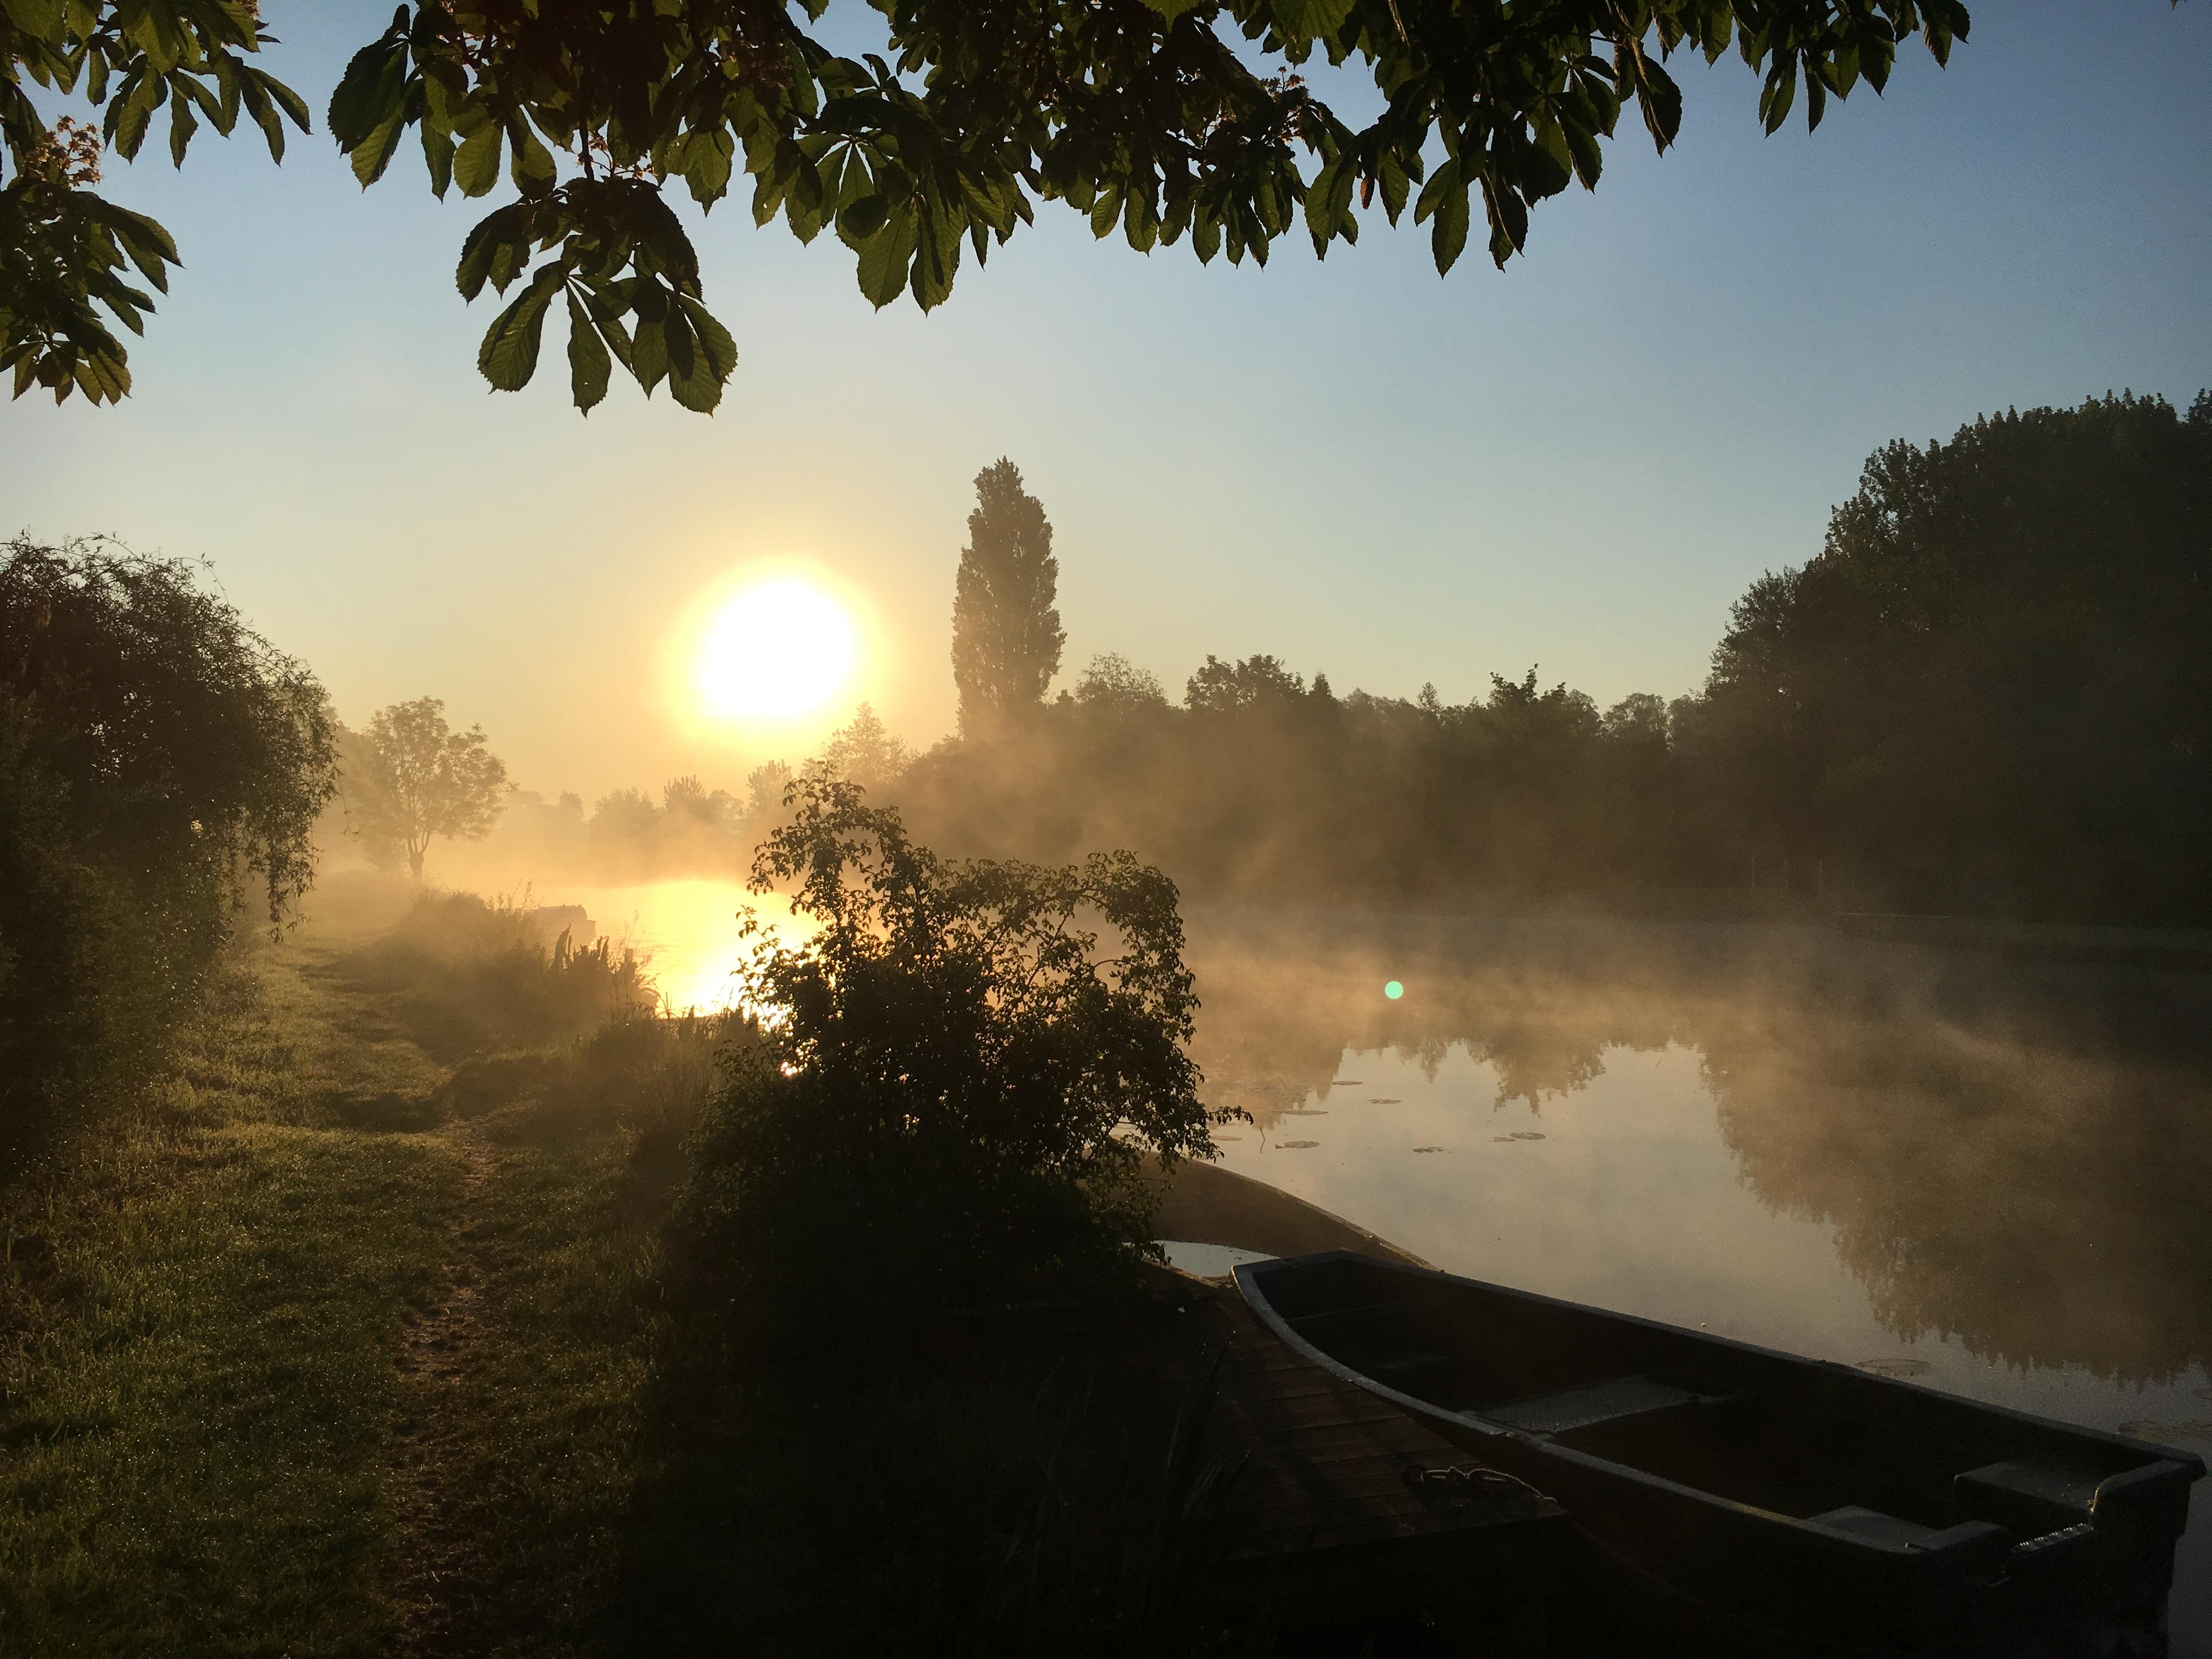 KLA_Beauty_of_Daylight_Philippe_Delsalle_FR